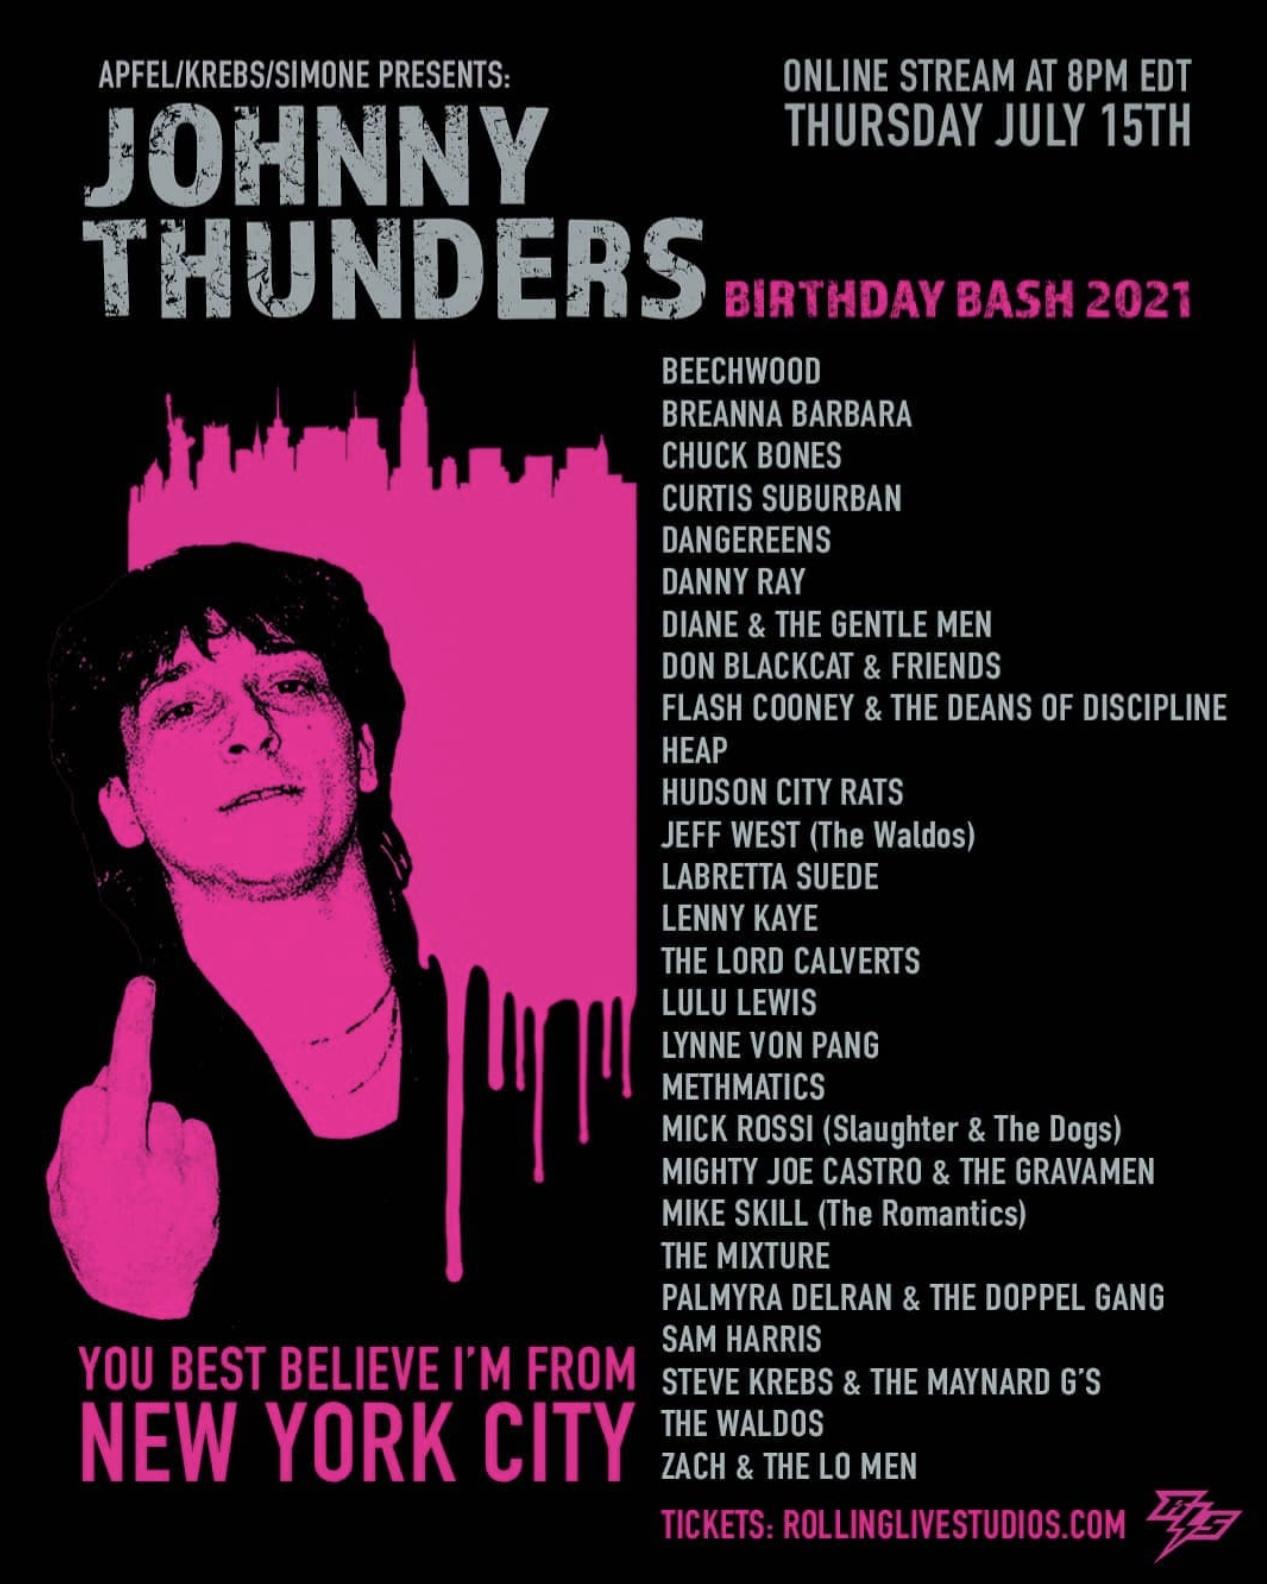 Johnny Thunders Birthday Bash 2021 live stream with Mighty Joe Castro and the Gravamen